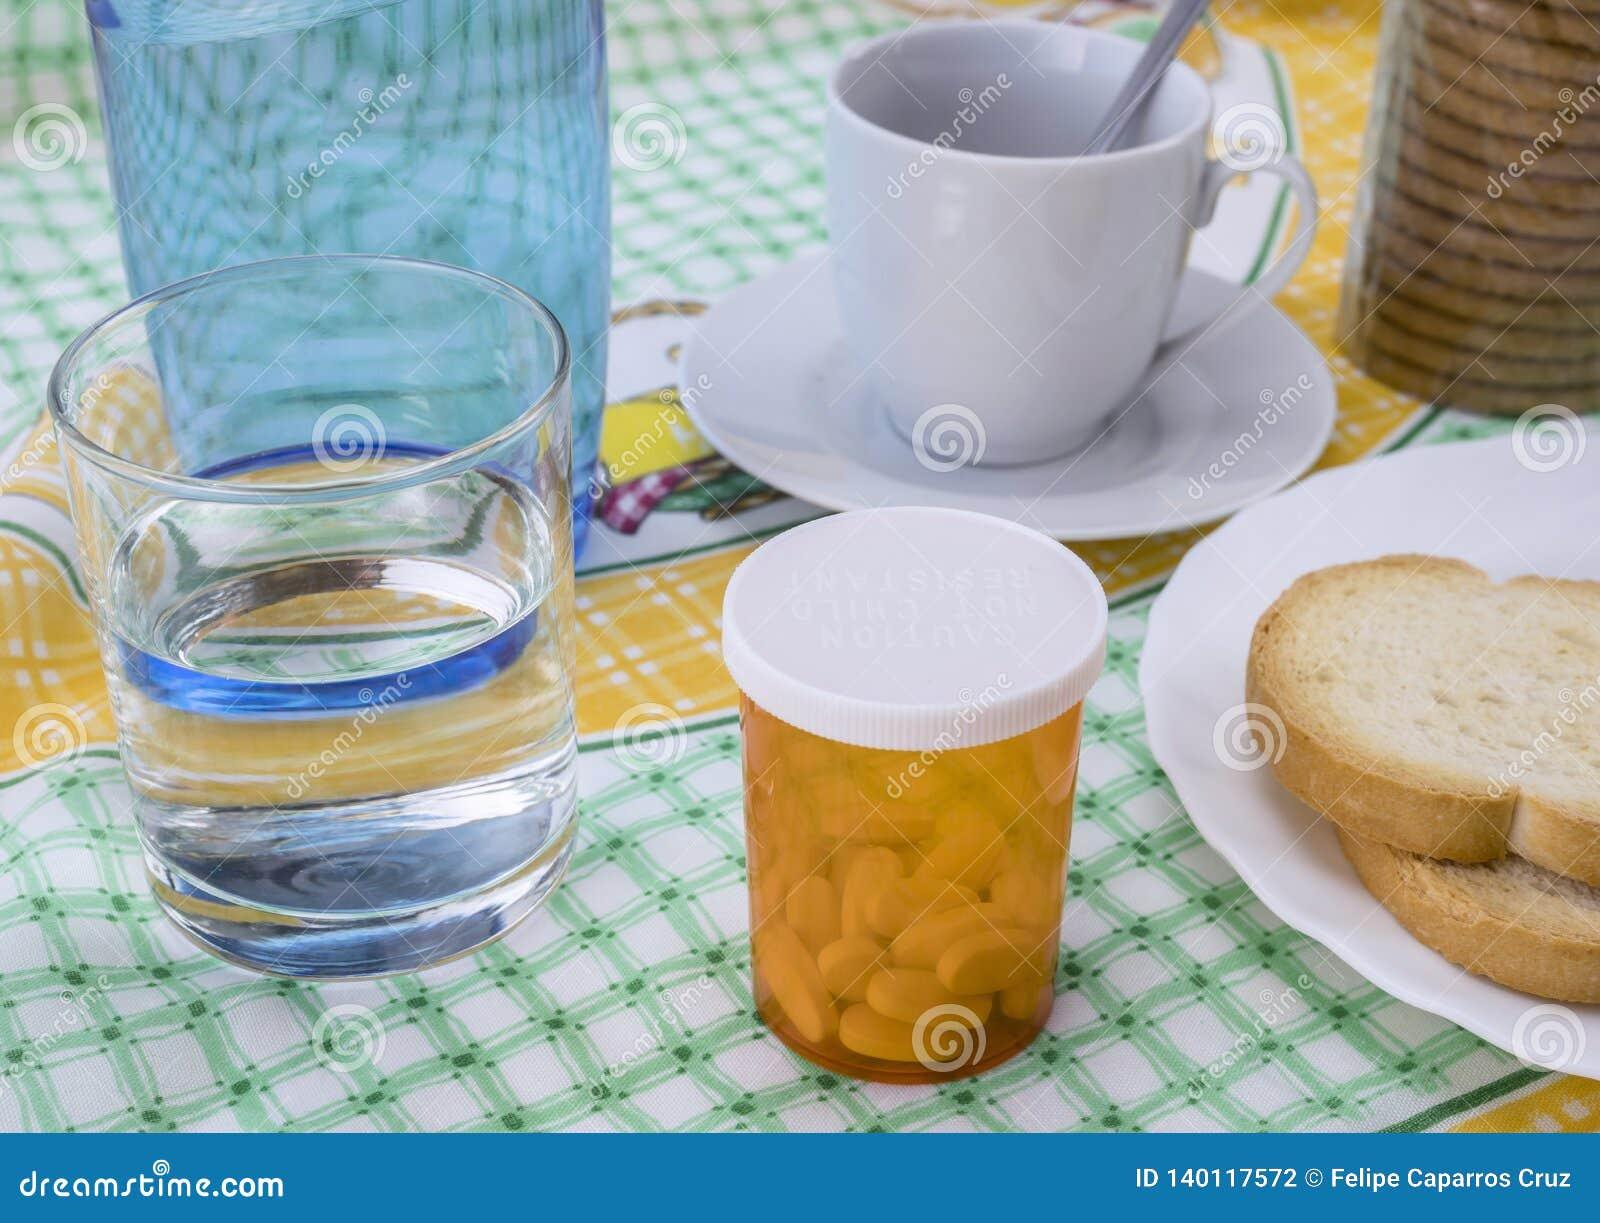 Medicación durante el desayuno, cápsulas al lado de un vaso de agua, imagen conceptual